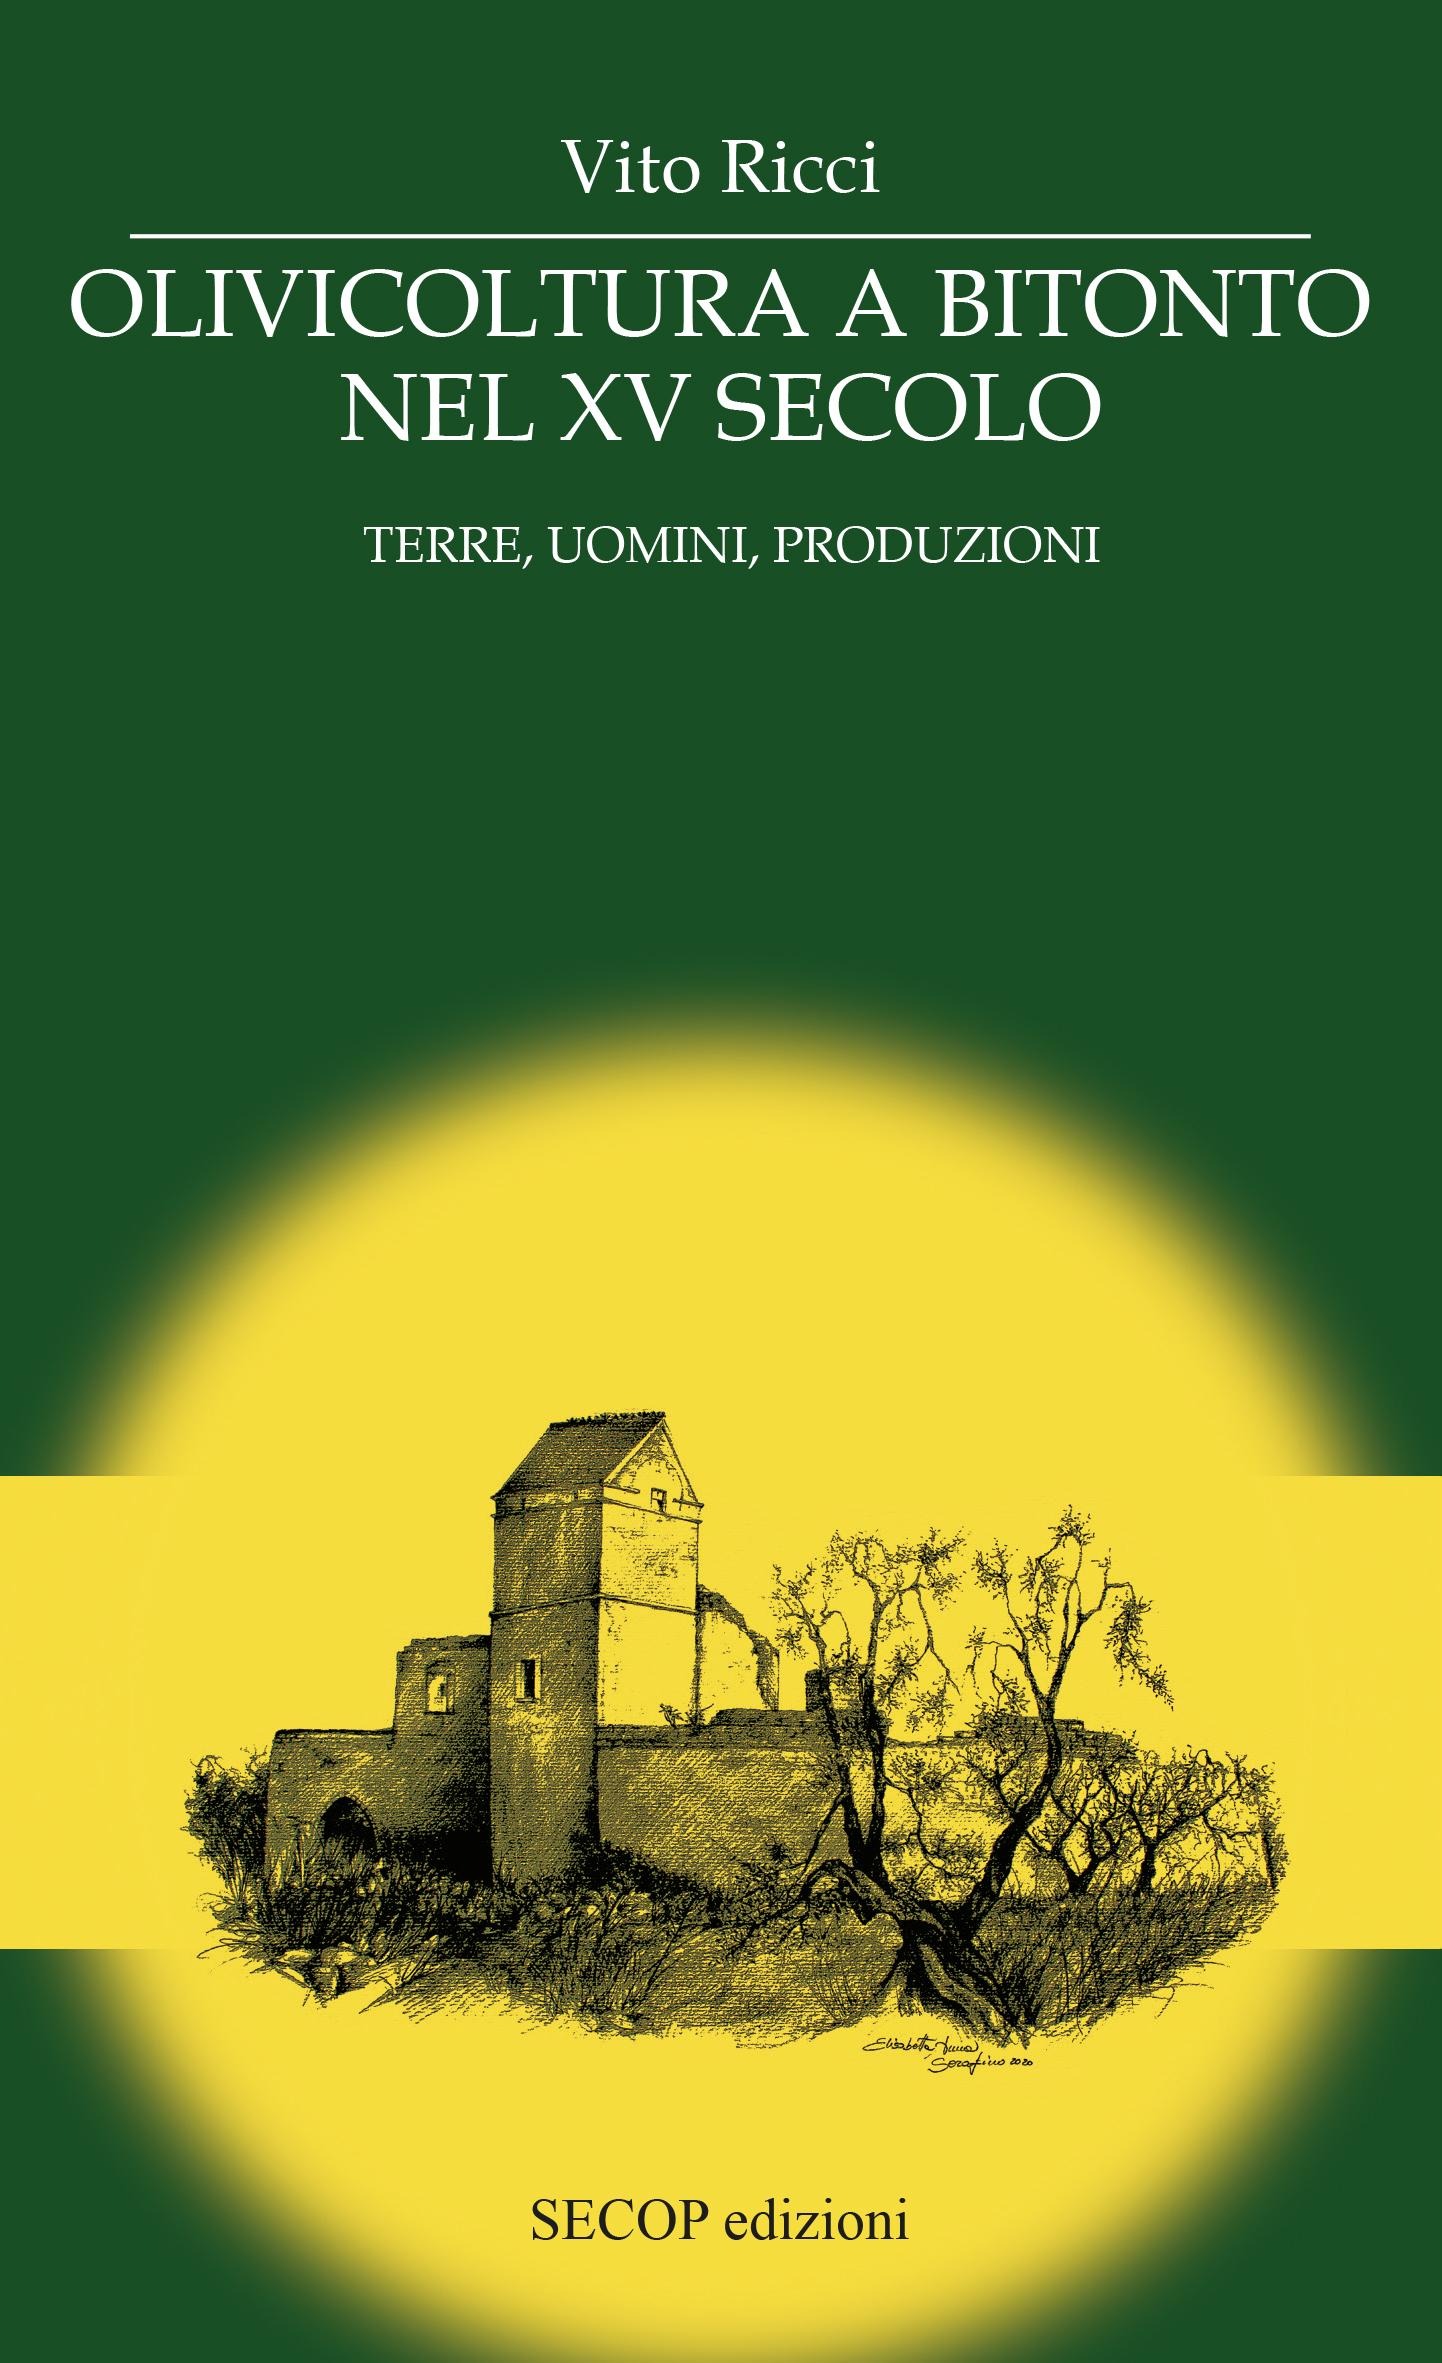 Com'era l'olivicoltura a Bitonto nel XV secolo?